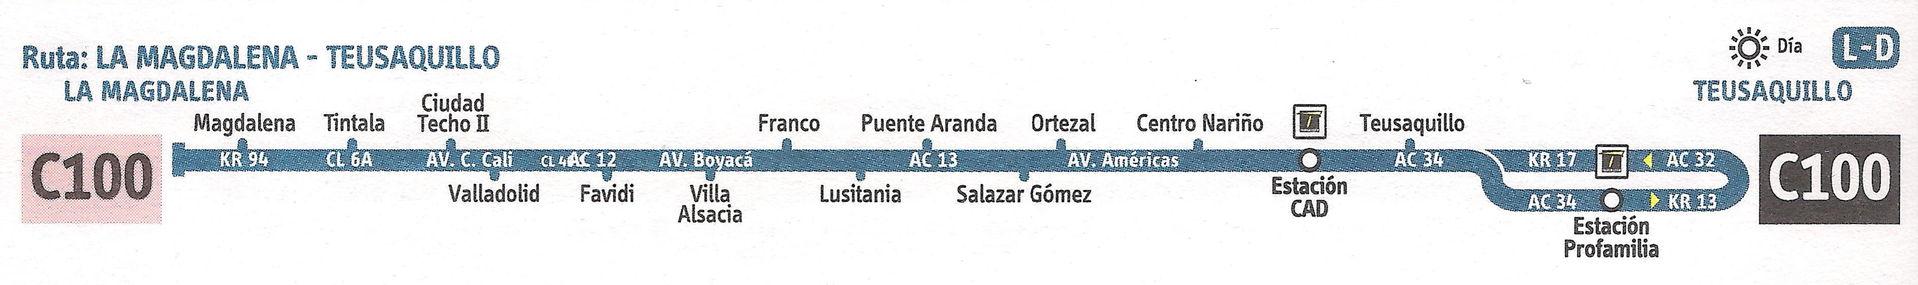 Ruta SITP: C100 La Magdalena ↔ Teusaquillo [Urbana] 2